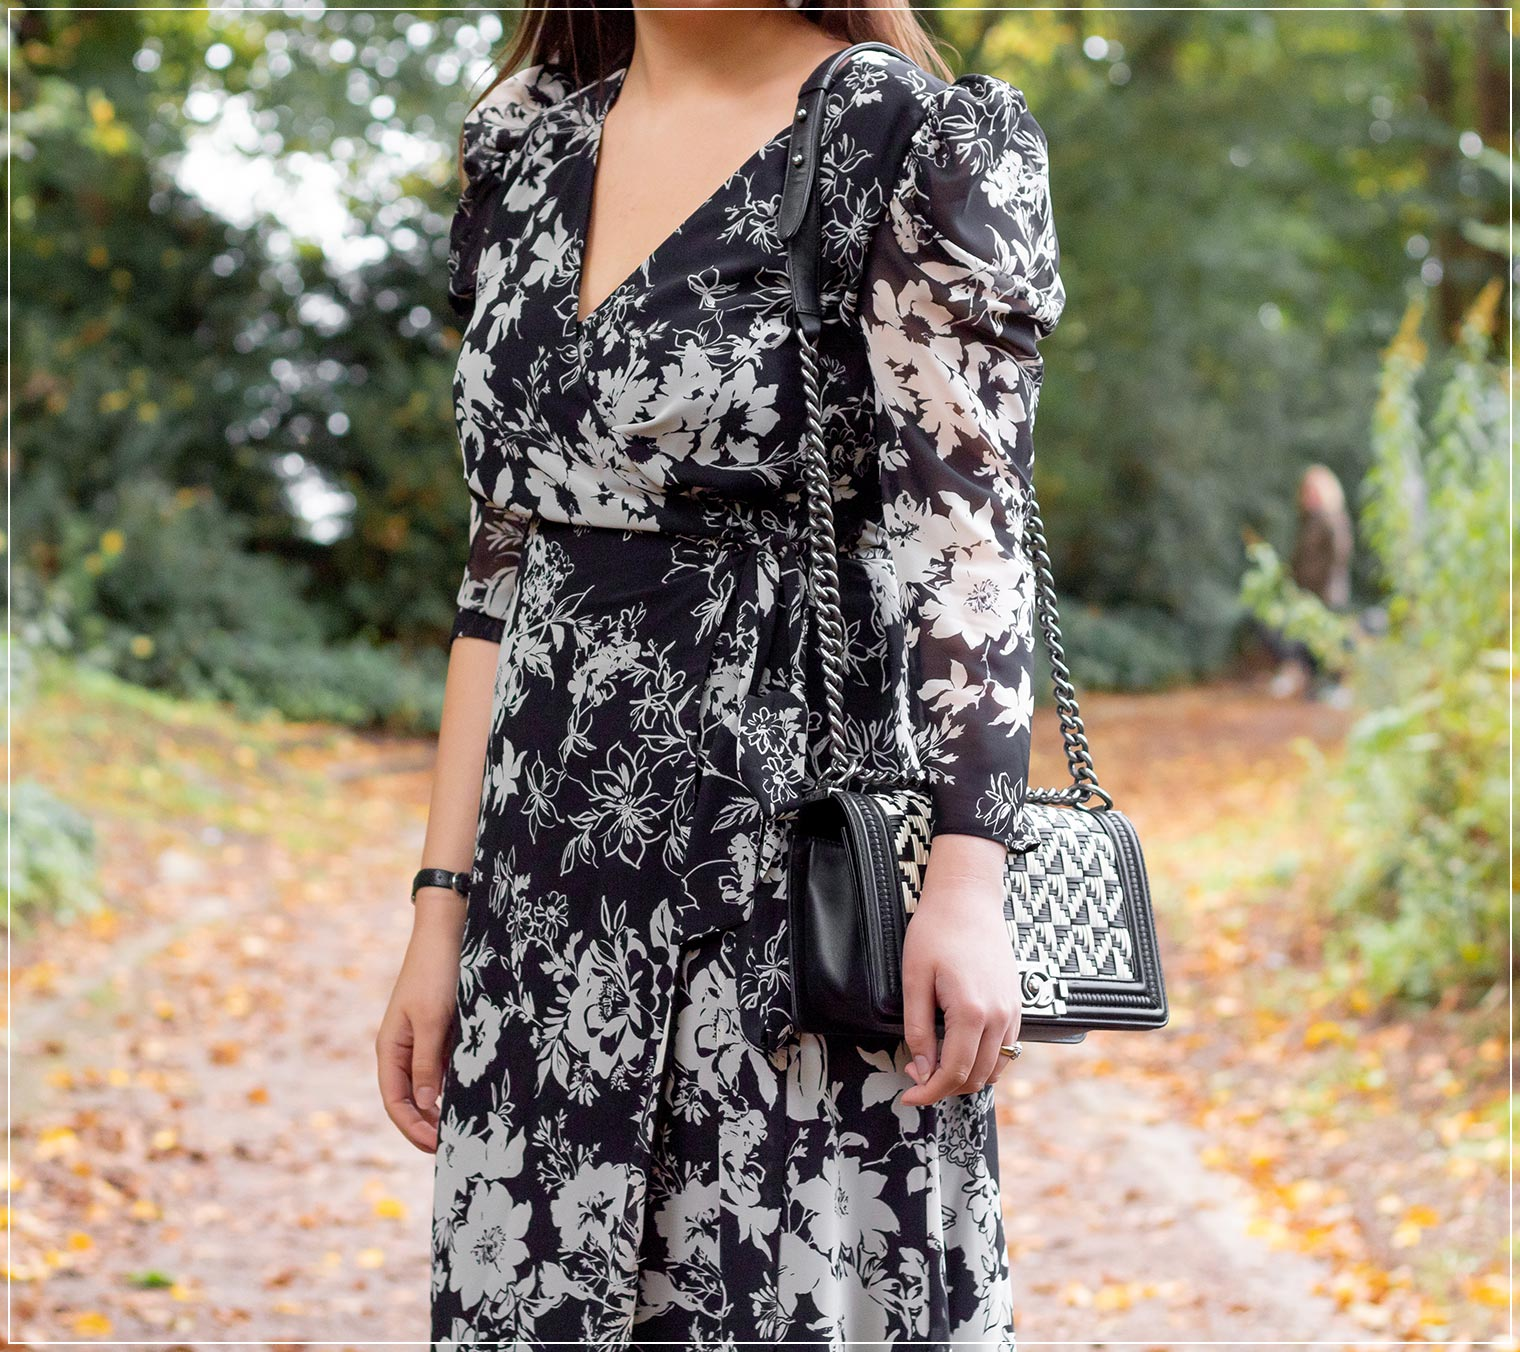 Wickelkleider im Herbst stylen